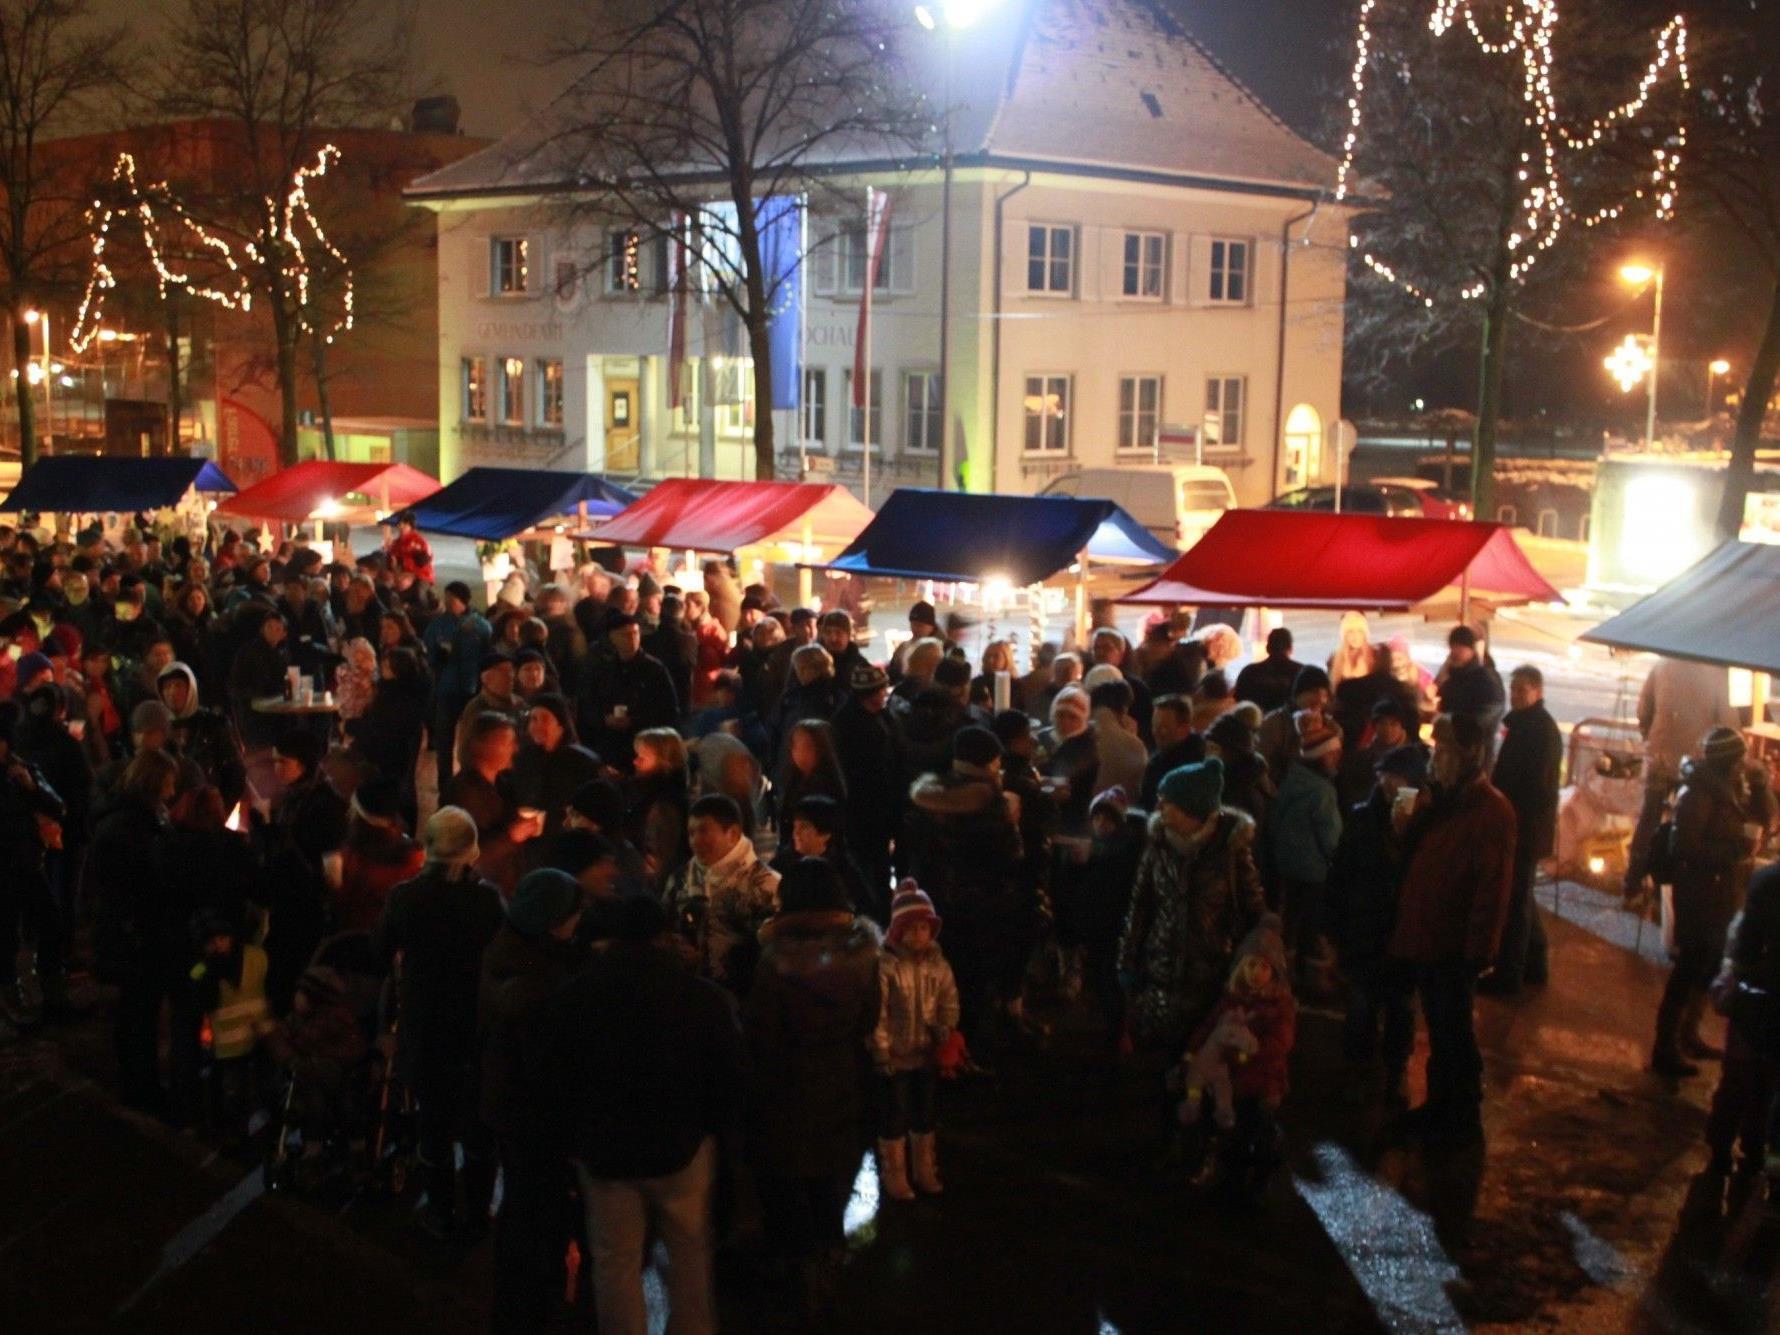 """Stimmungsvolle Atmosphäre auf dem """"Adventmärktle"""" im verkehrsberuhigten Lochauer Ortszentrum."""